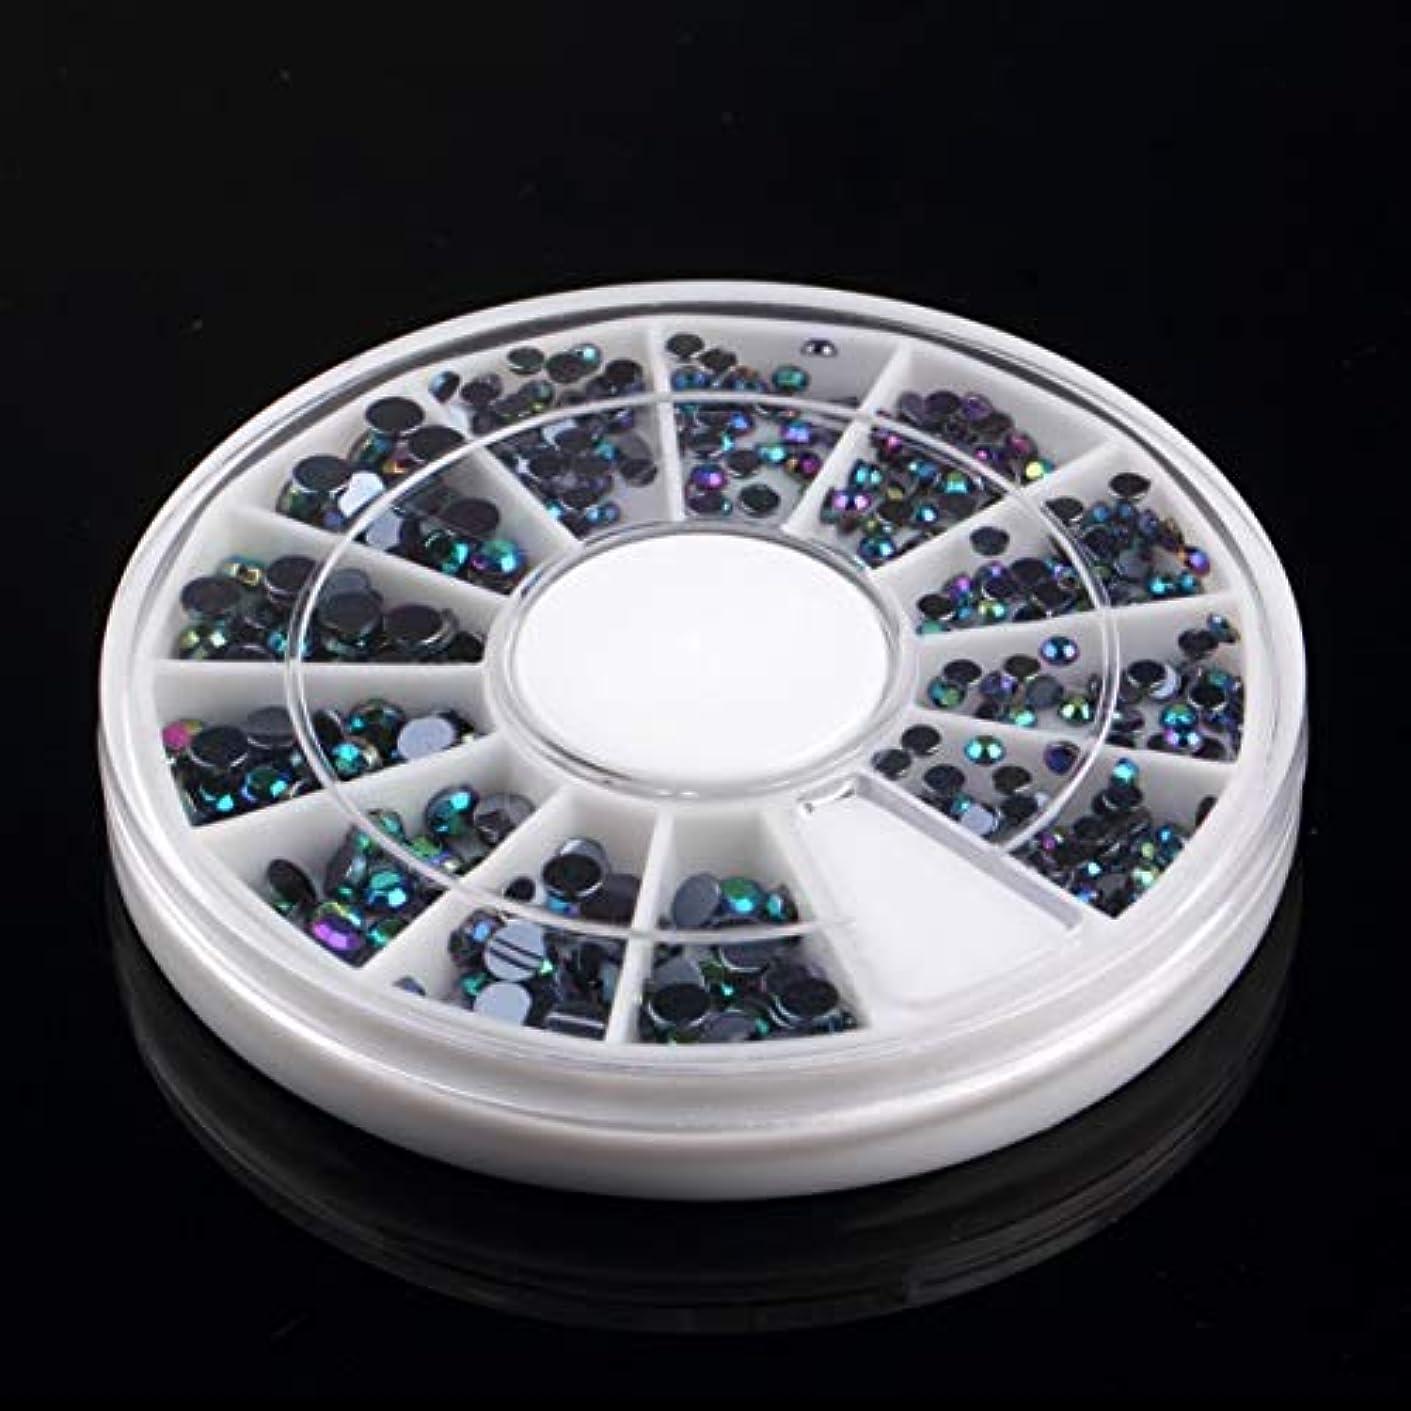 アイスクリーム一緒専門知識Birdlantern 300ピース3d宝石クリスタルネイルアートステッカーのヒントクリスタルグリッターラインストーンdiyの装飾マニキュア+ホイールターンテーブル